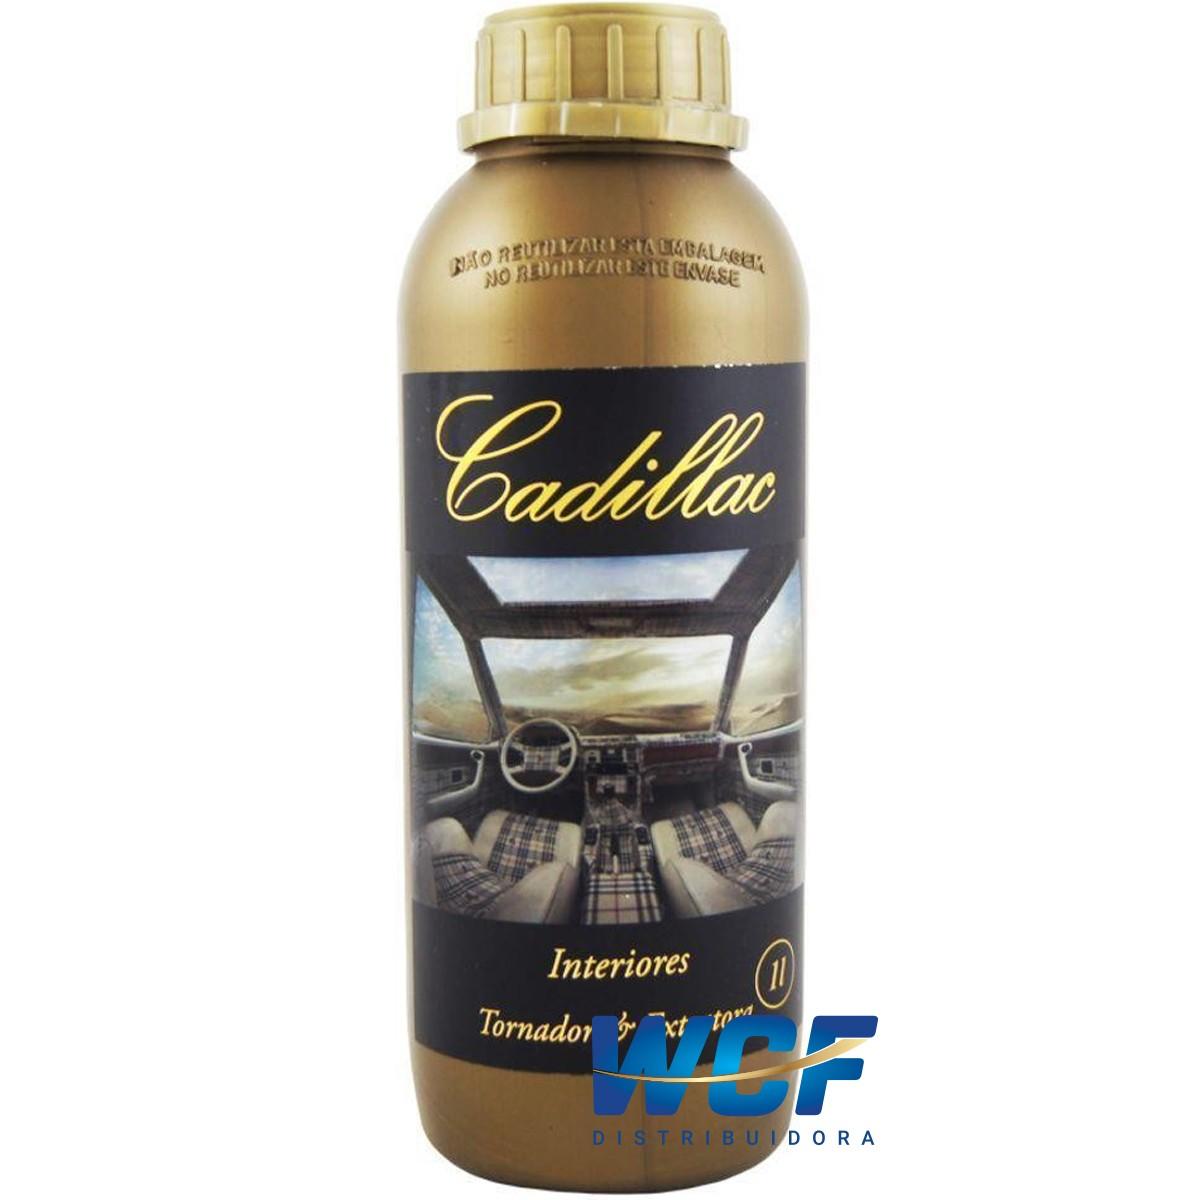 CADILLAC INTERIORES 1LT